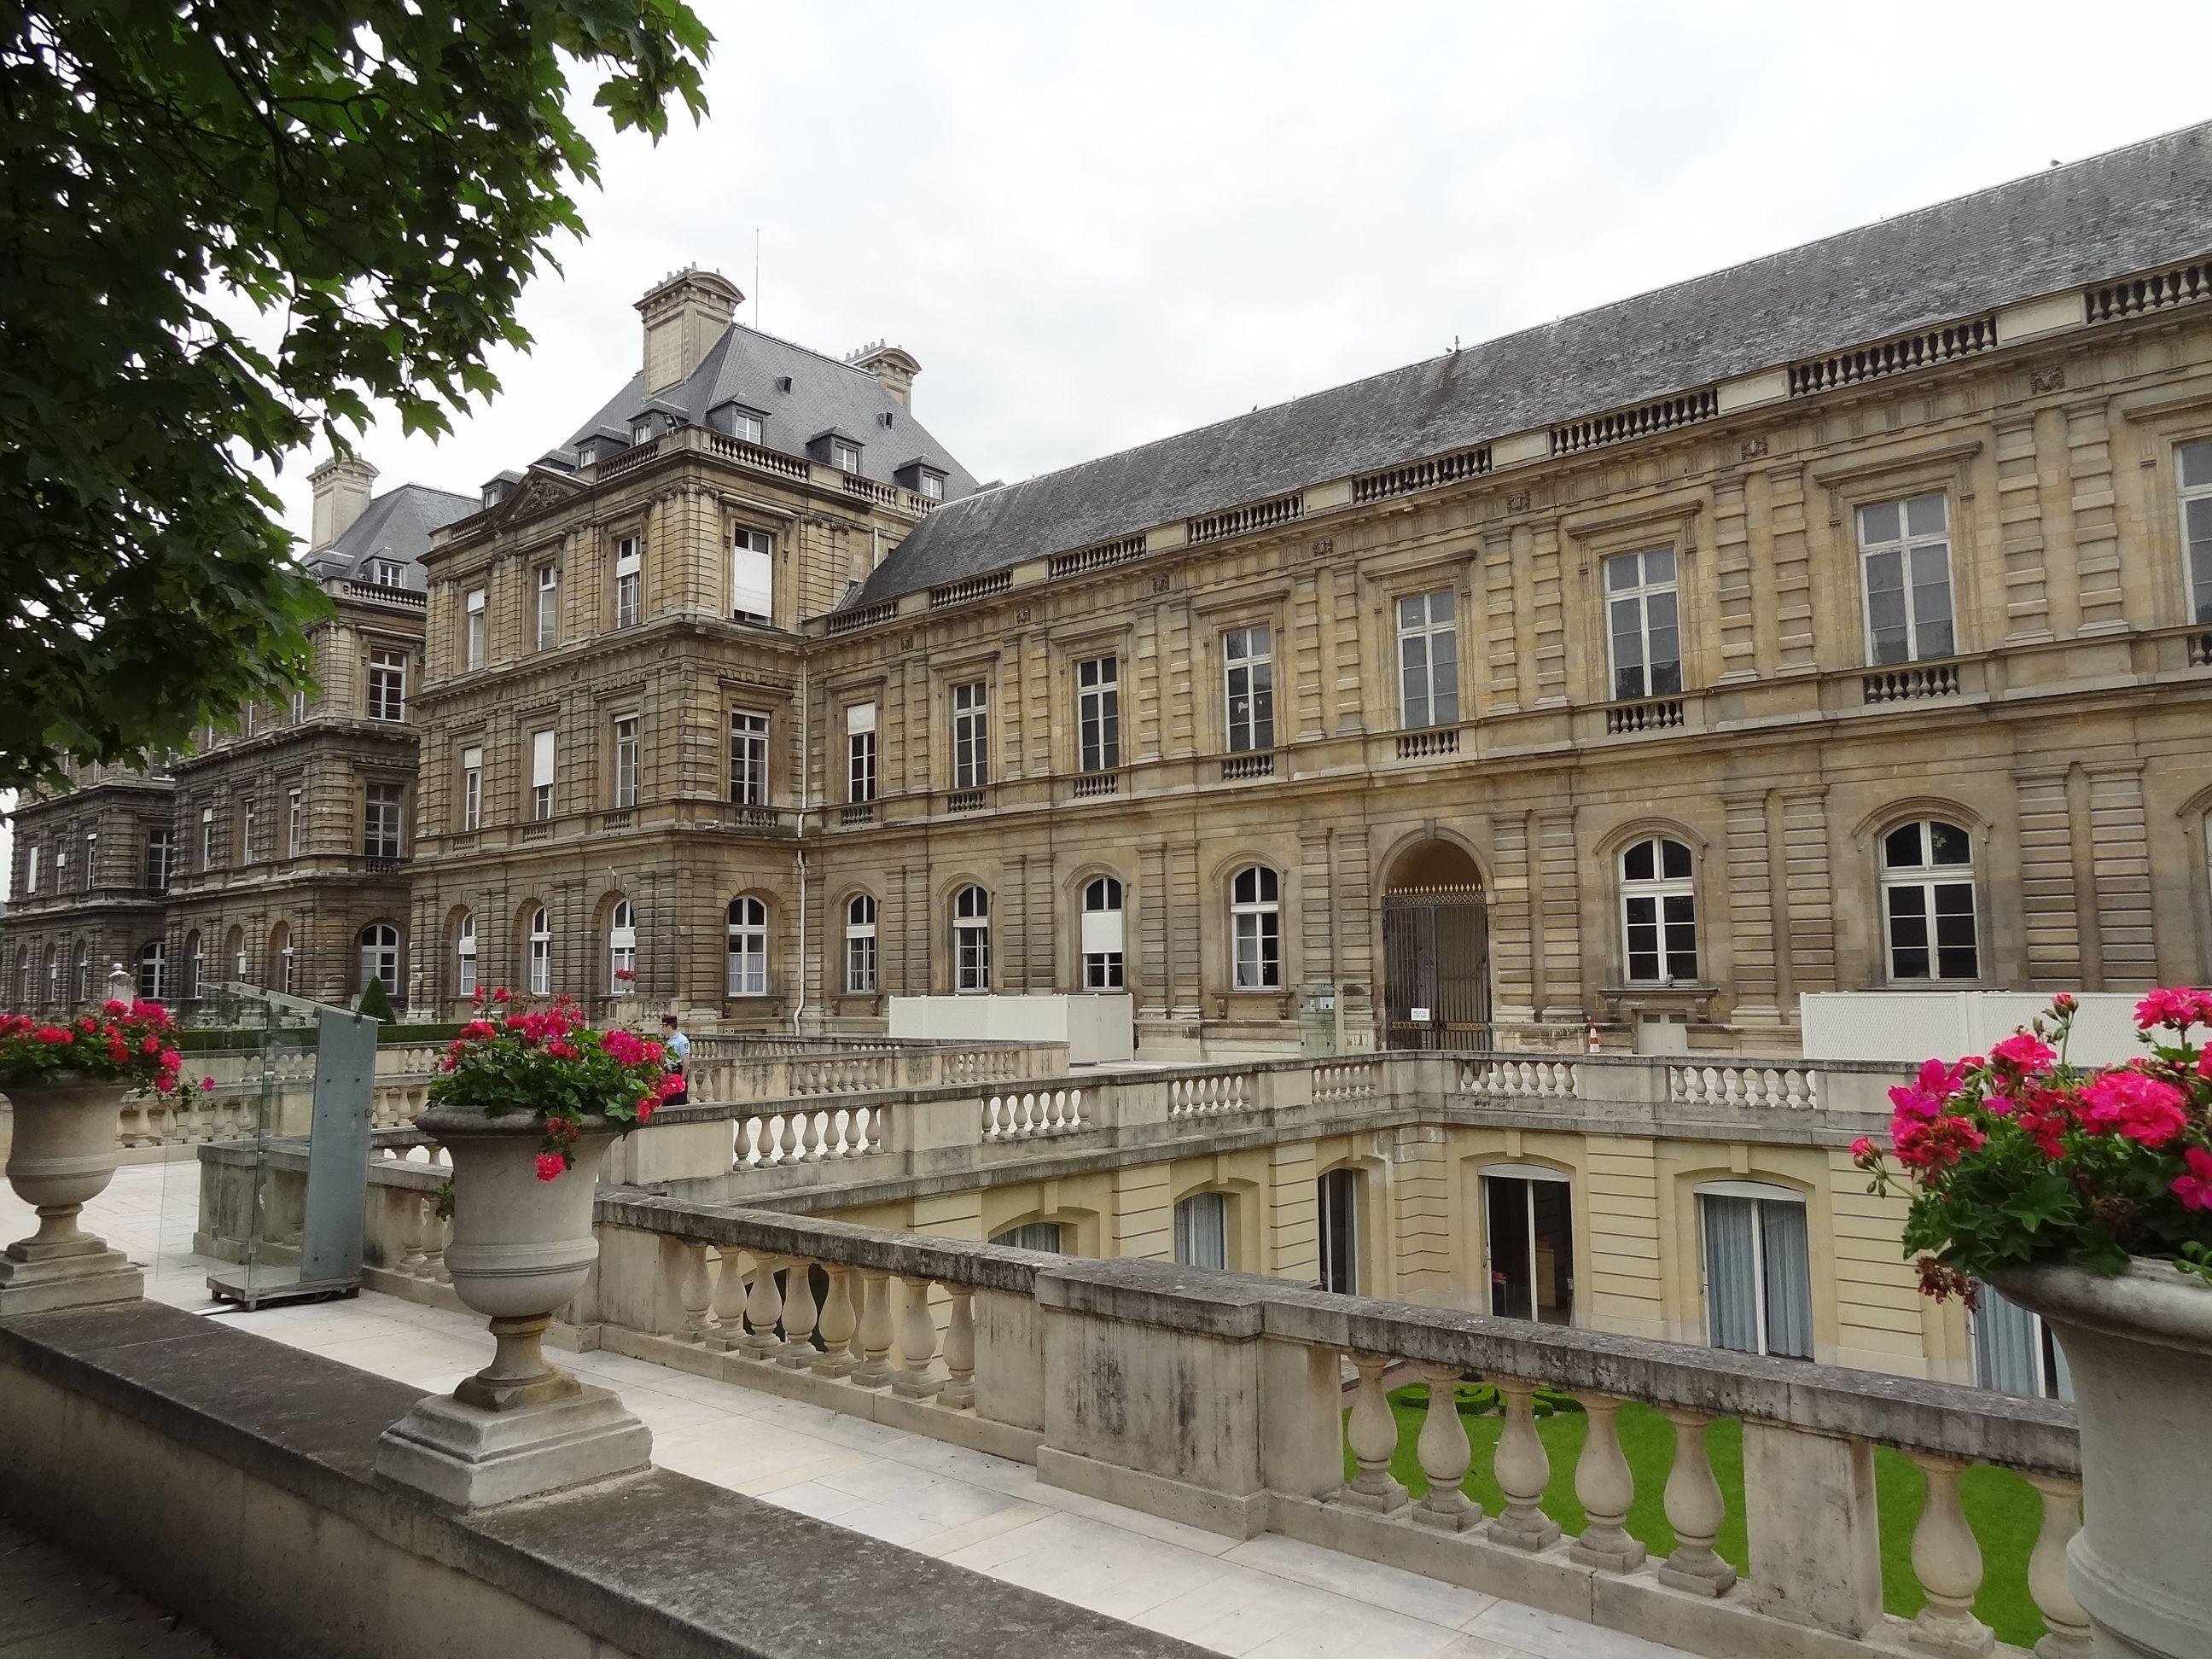 * Jardin du Luxembourg and Palais du Luxembourg, Paris